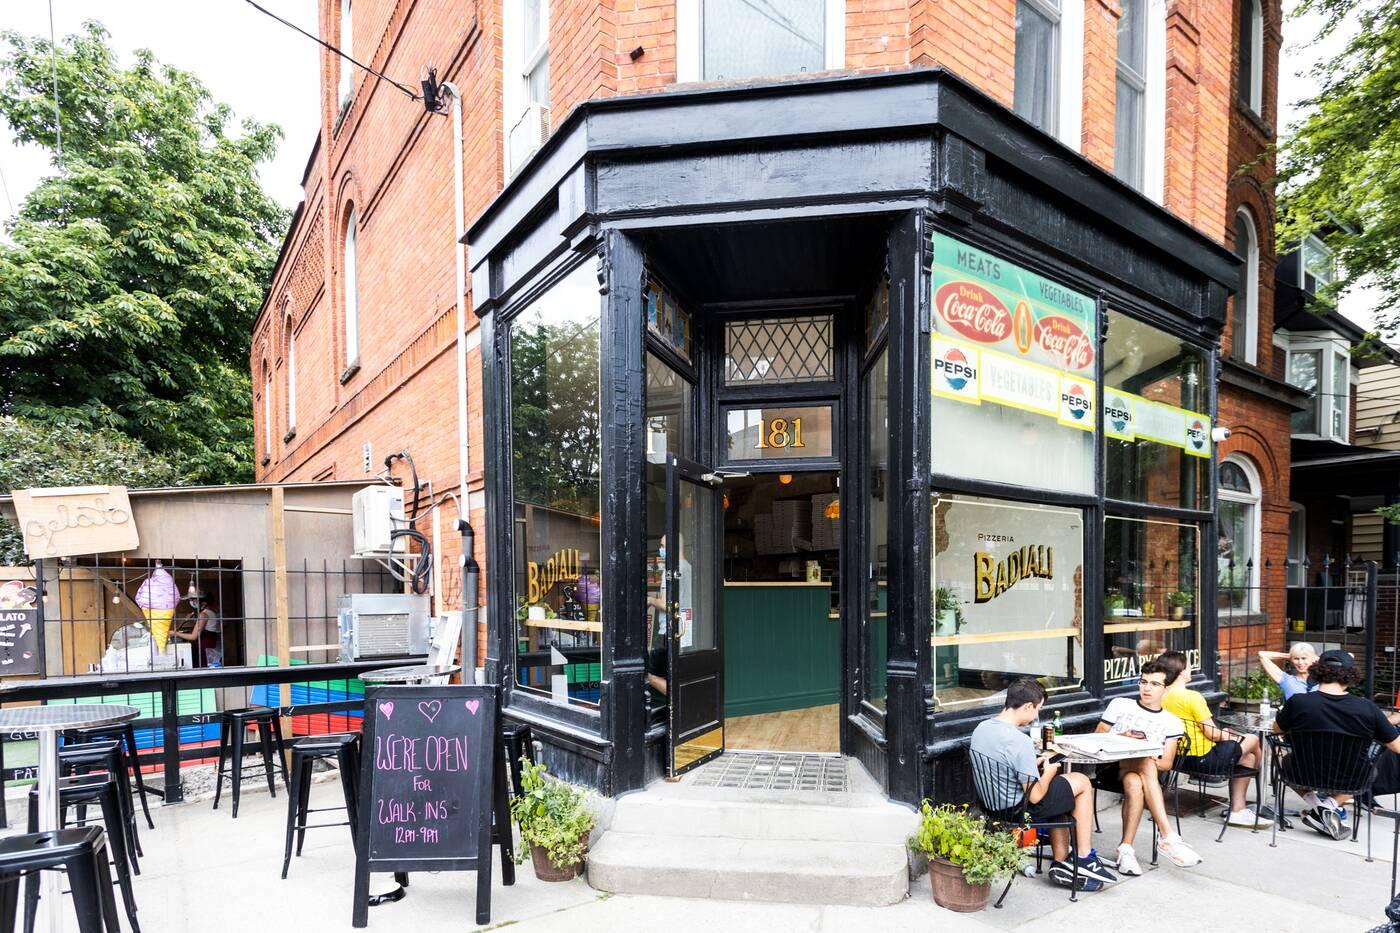 Pizzeria Badiali Toronto